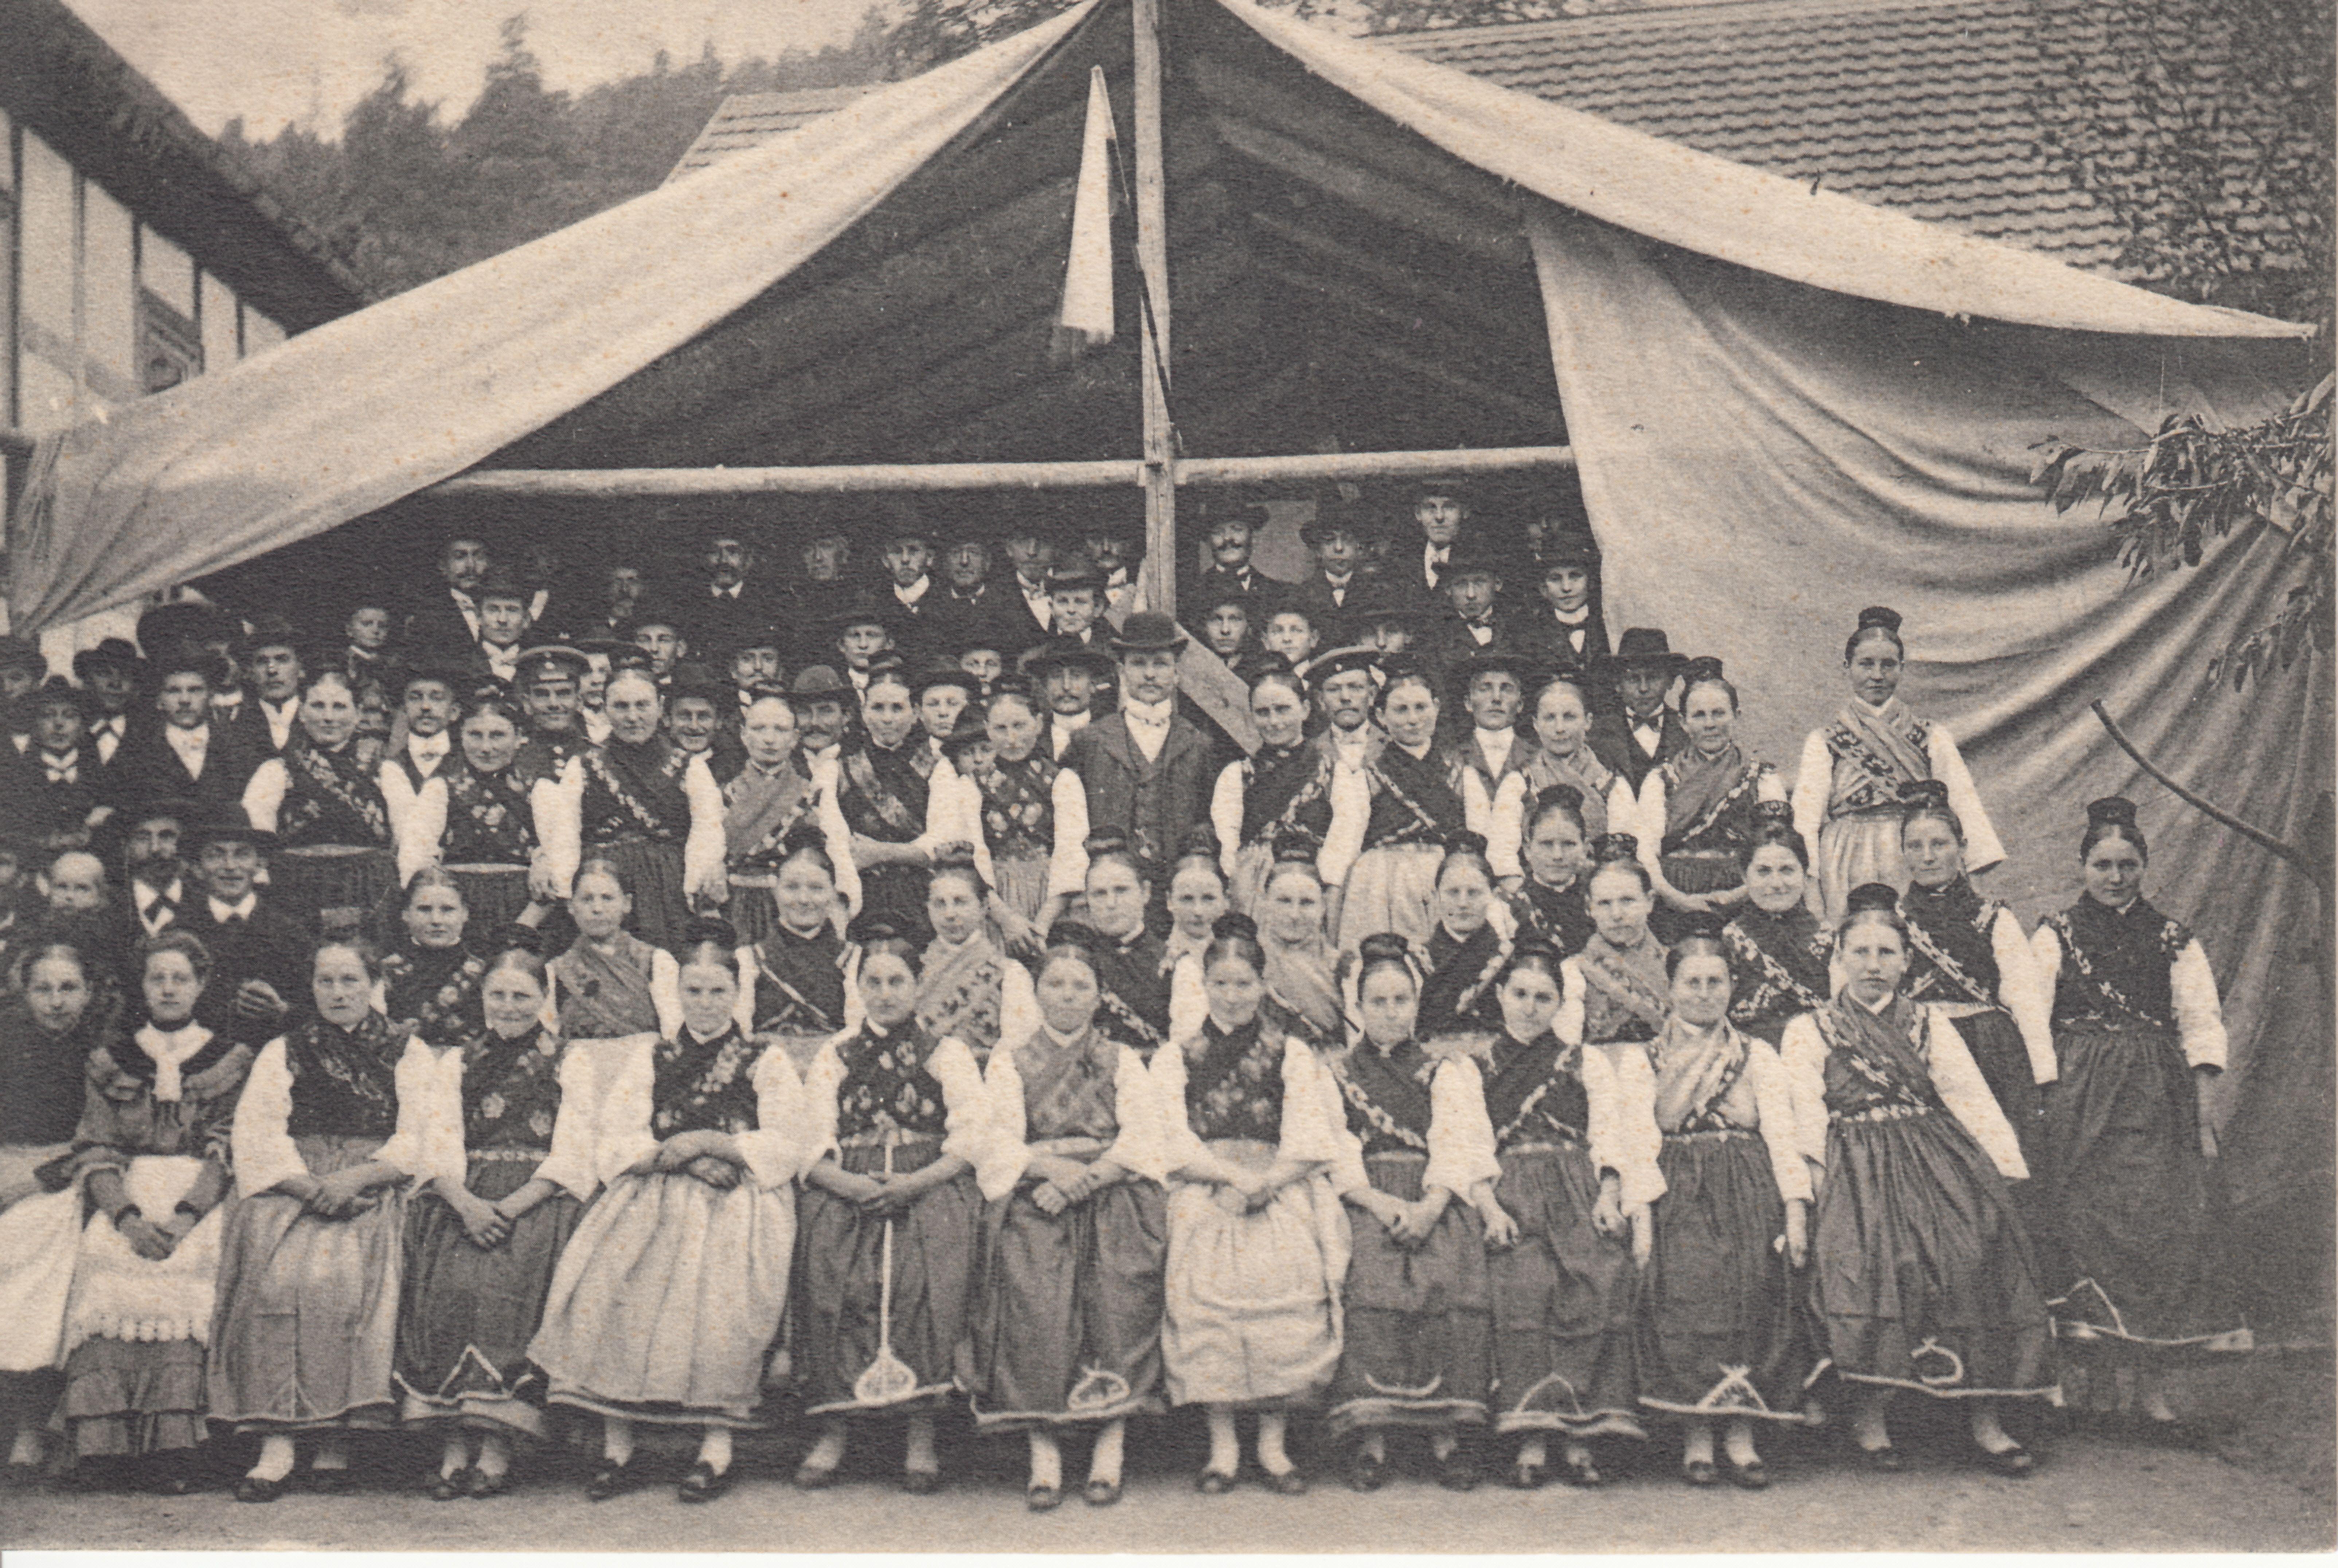 Kirmes Ruhlkirchen 1906 Kirmes